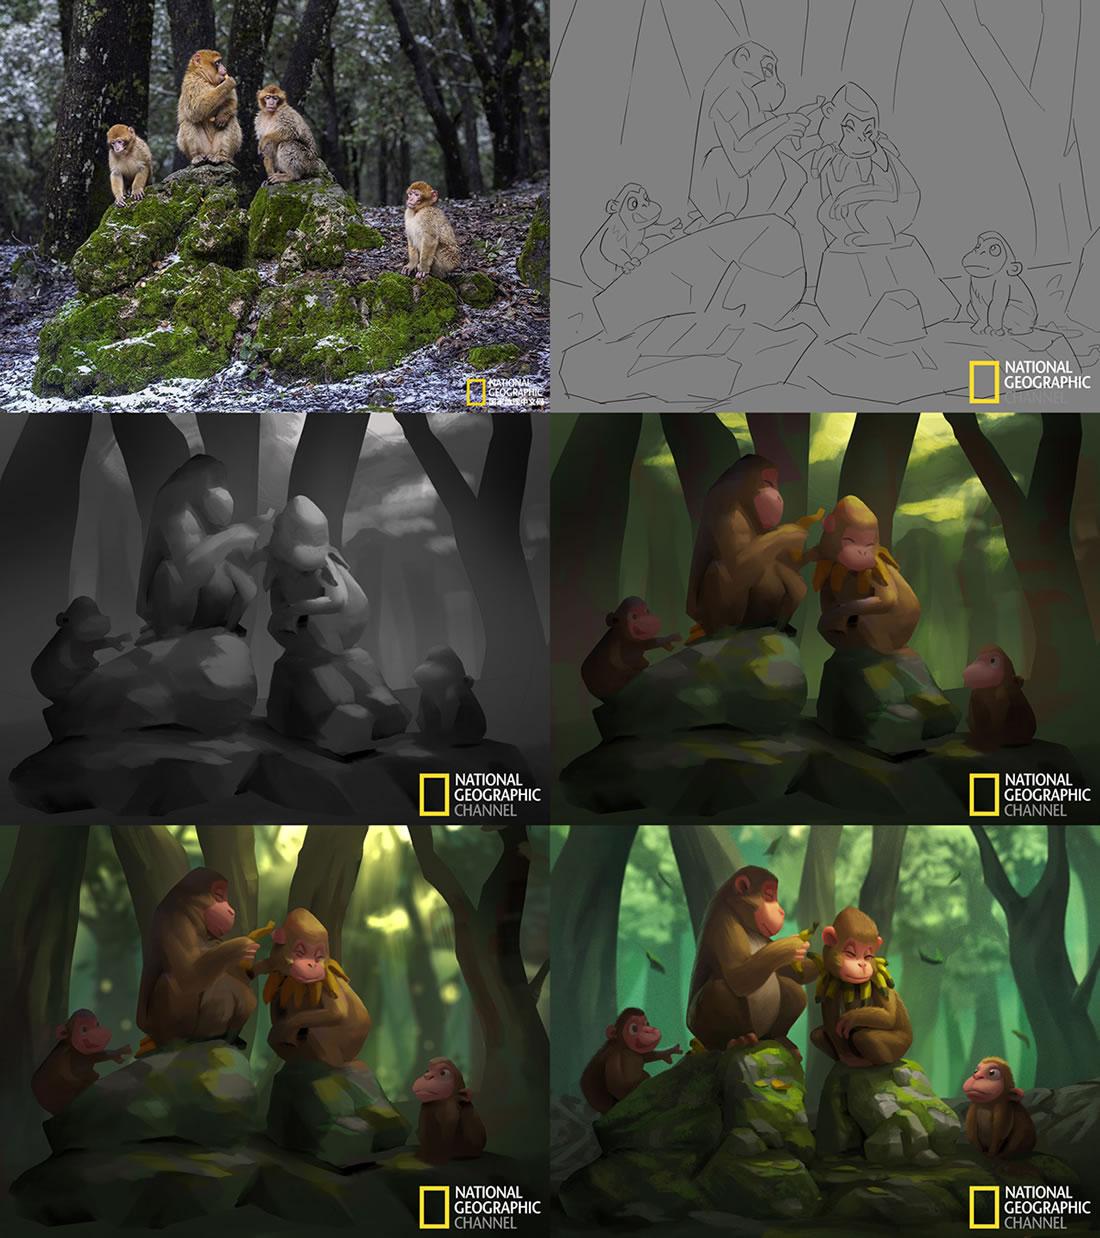 Magnifiques stylisations en digital painting de photos de National Geographic